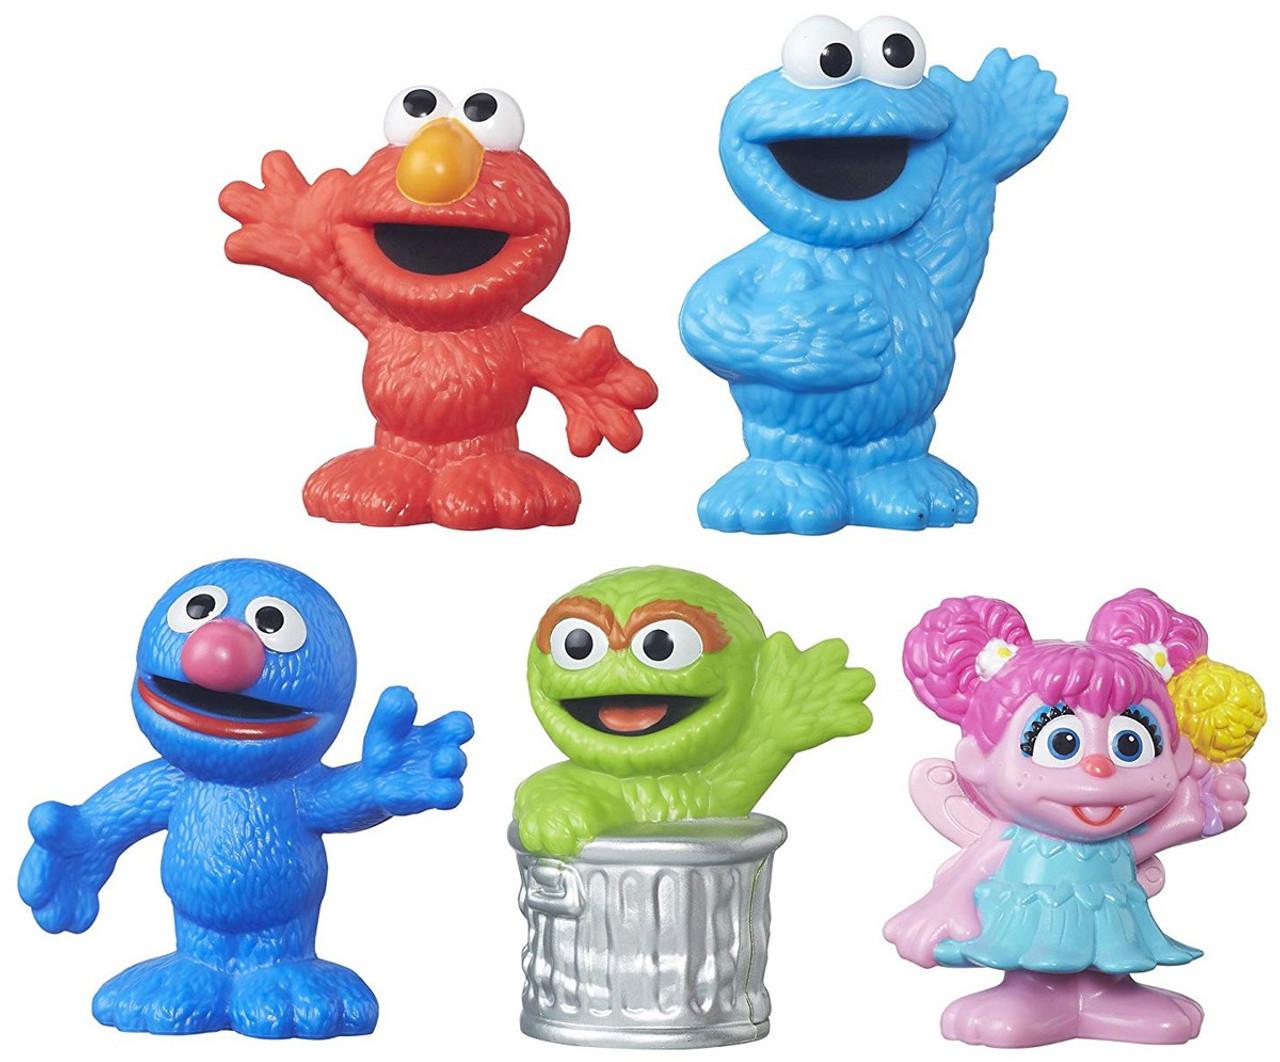 Sesame Street Elmo Cookie Monster Grover Oscar The Grouch Abby Cadabby Figure 5 Pack